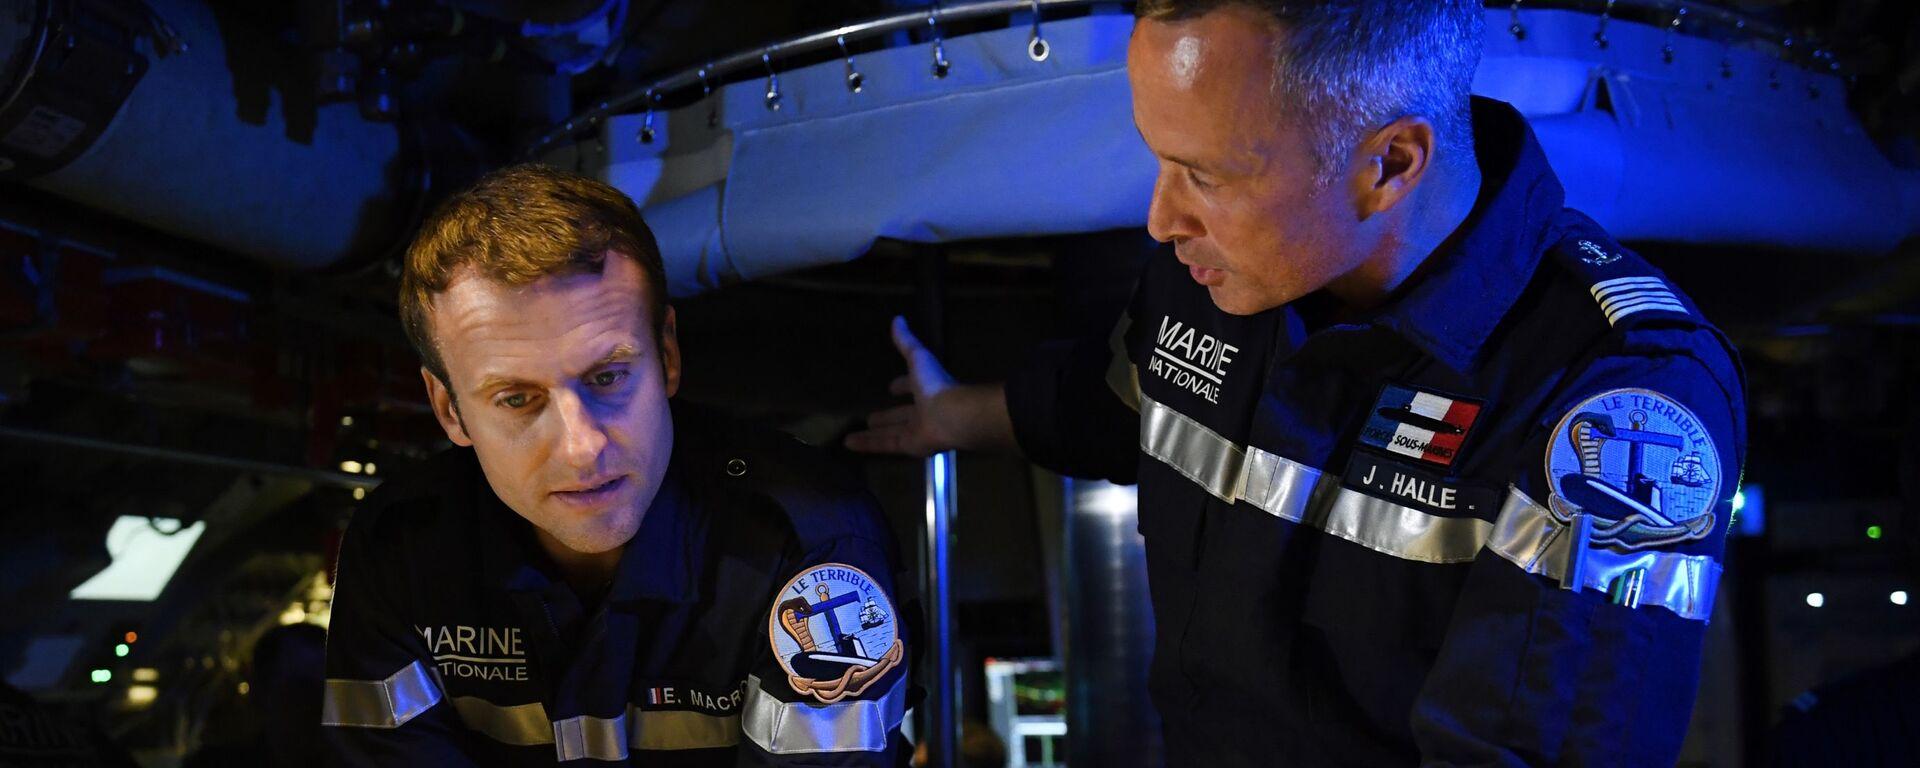 Francouzský prezident Emmanuel Macron na palubě vojenské ponorky - Sputnik Česká republika, 1920, 22.09.2021